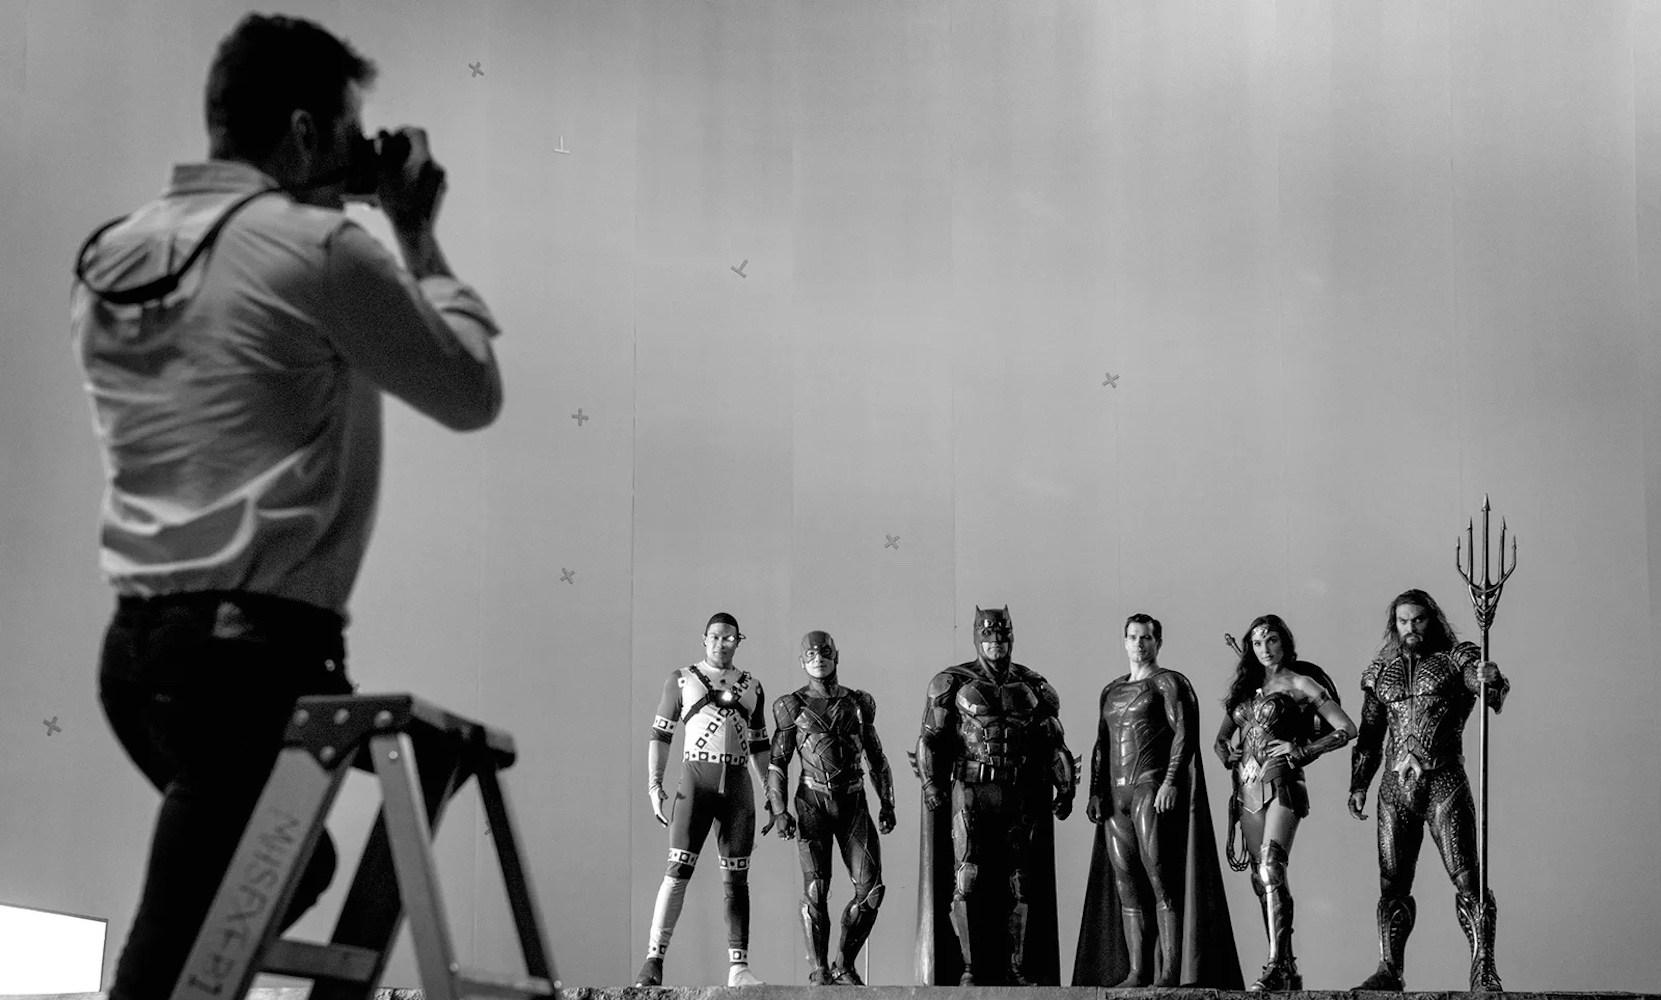 zack-snyder-justice-league-movie-header.jpg